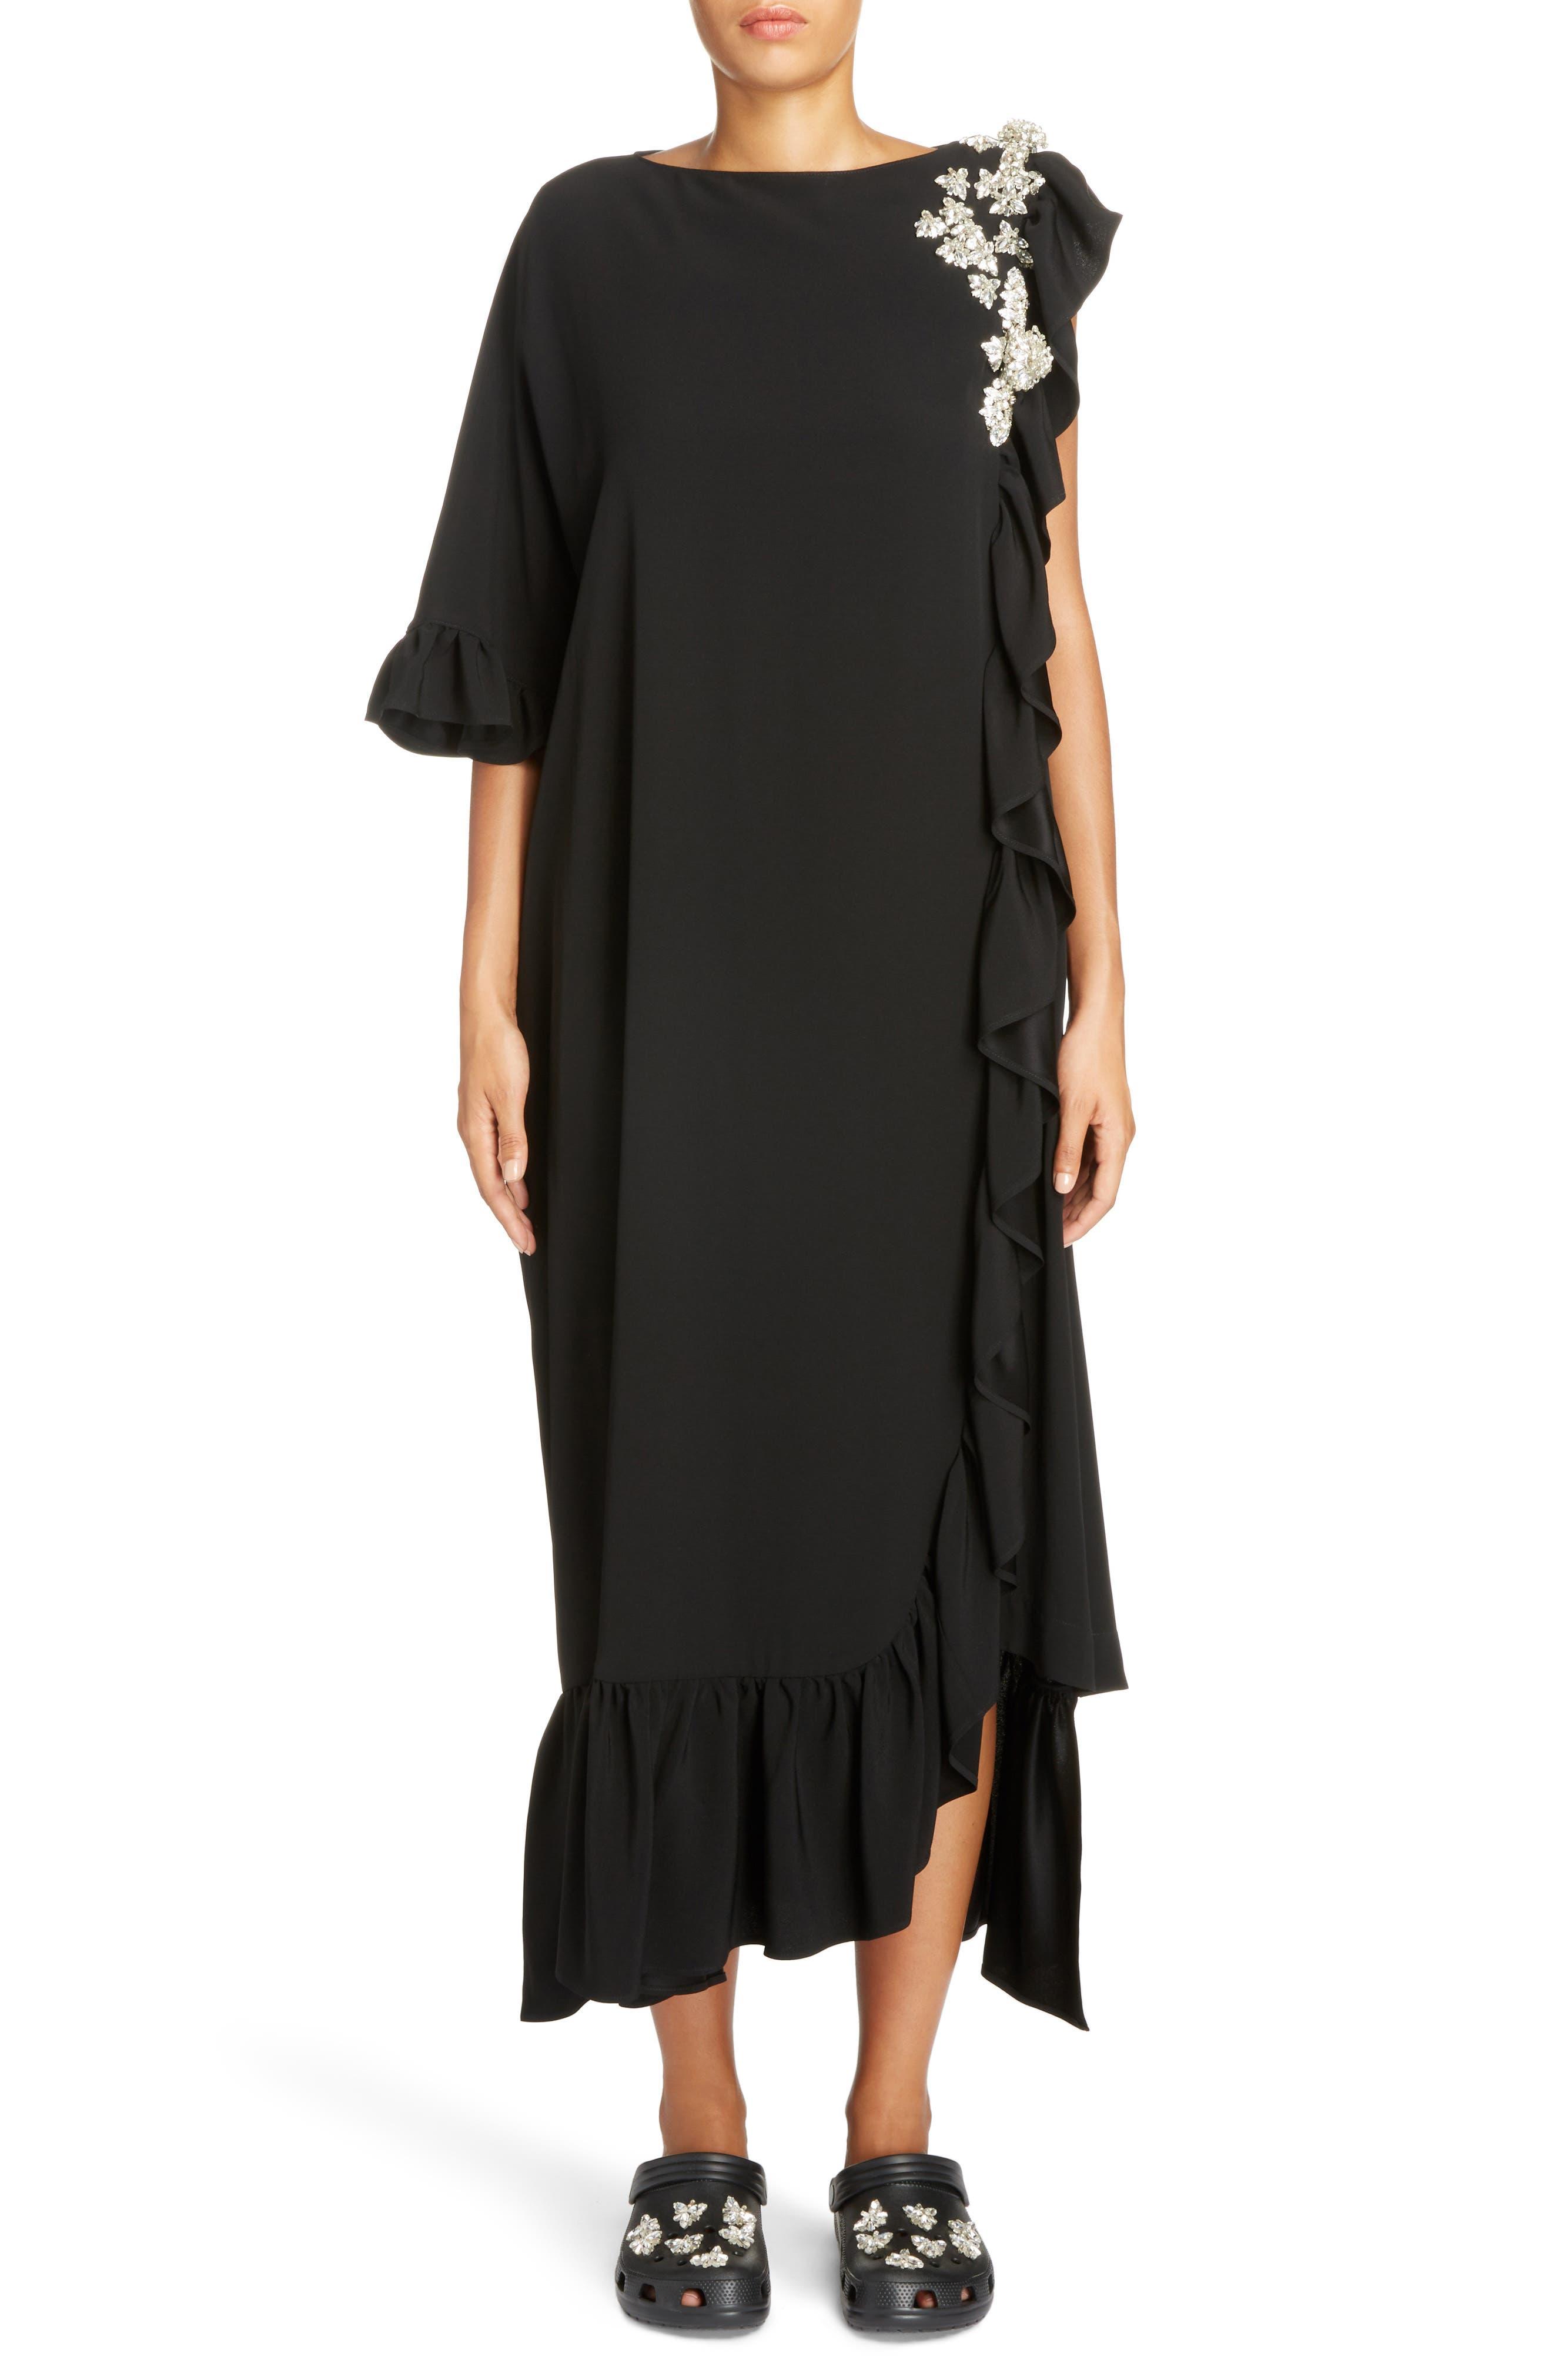 Crystal Embellished Frill Maxi Dress,                             Main thumbnail 1, color,                             001